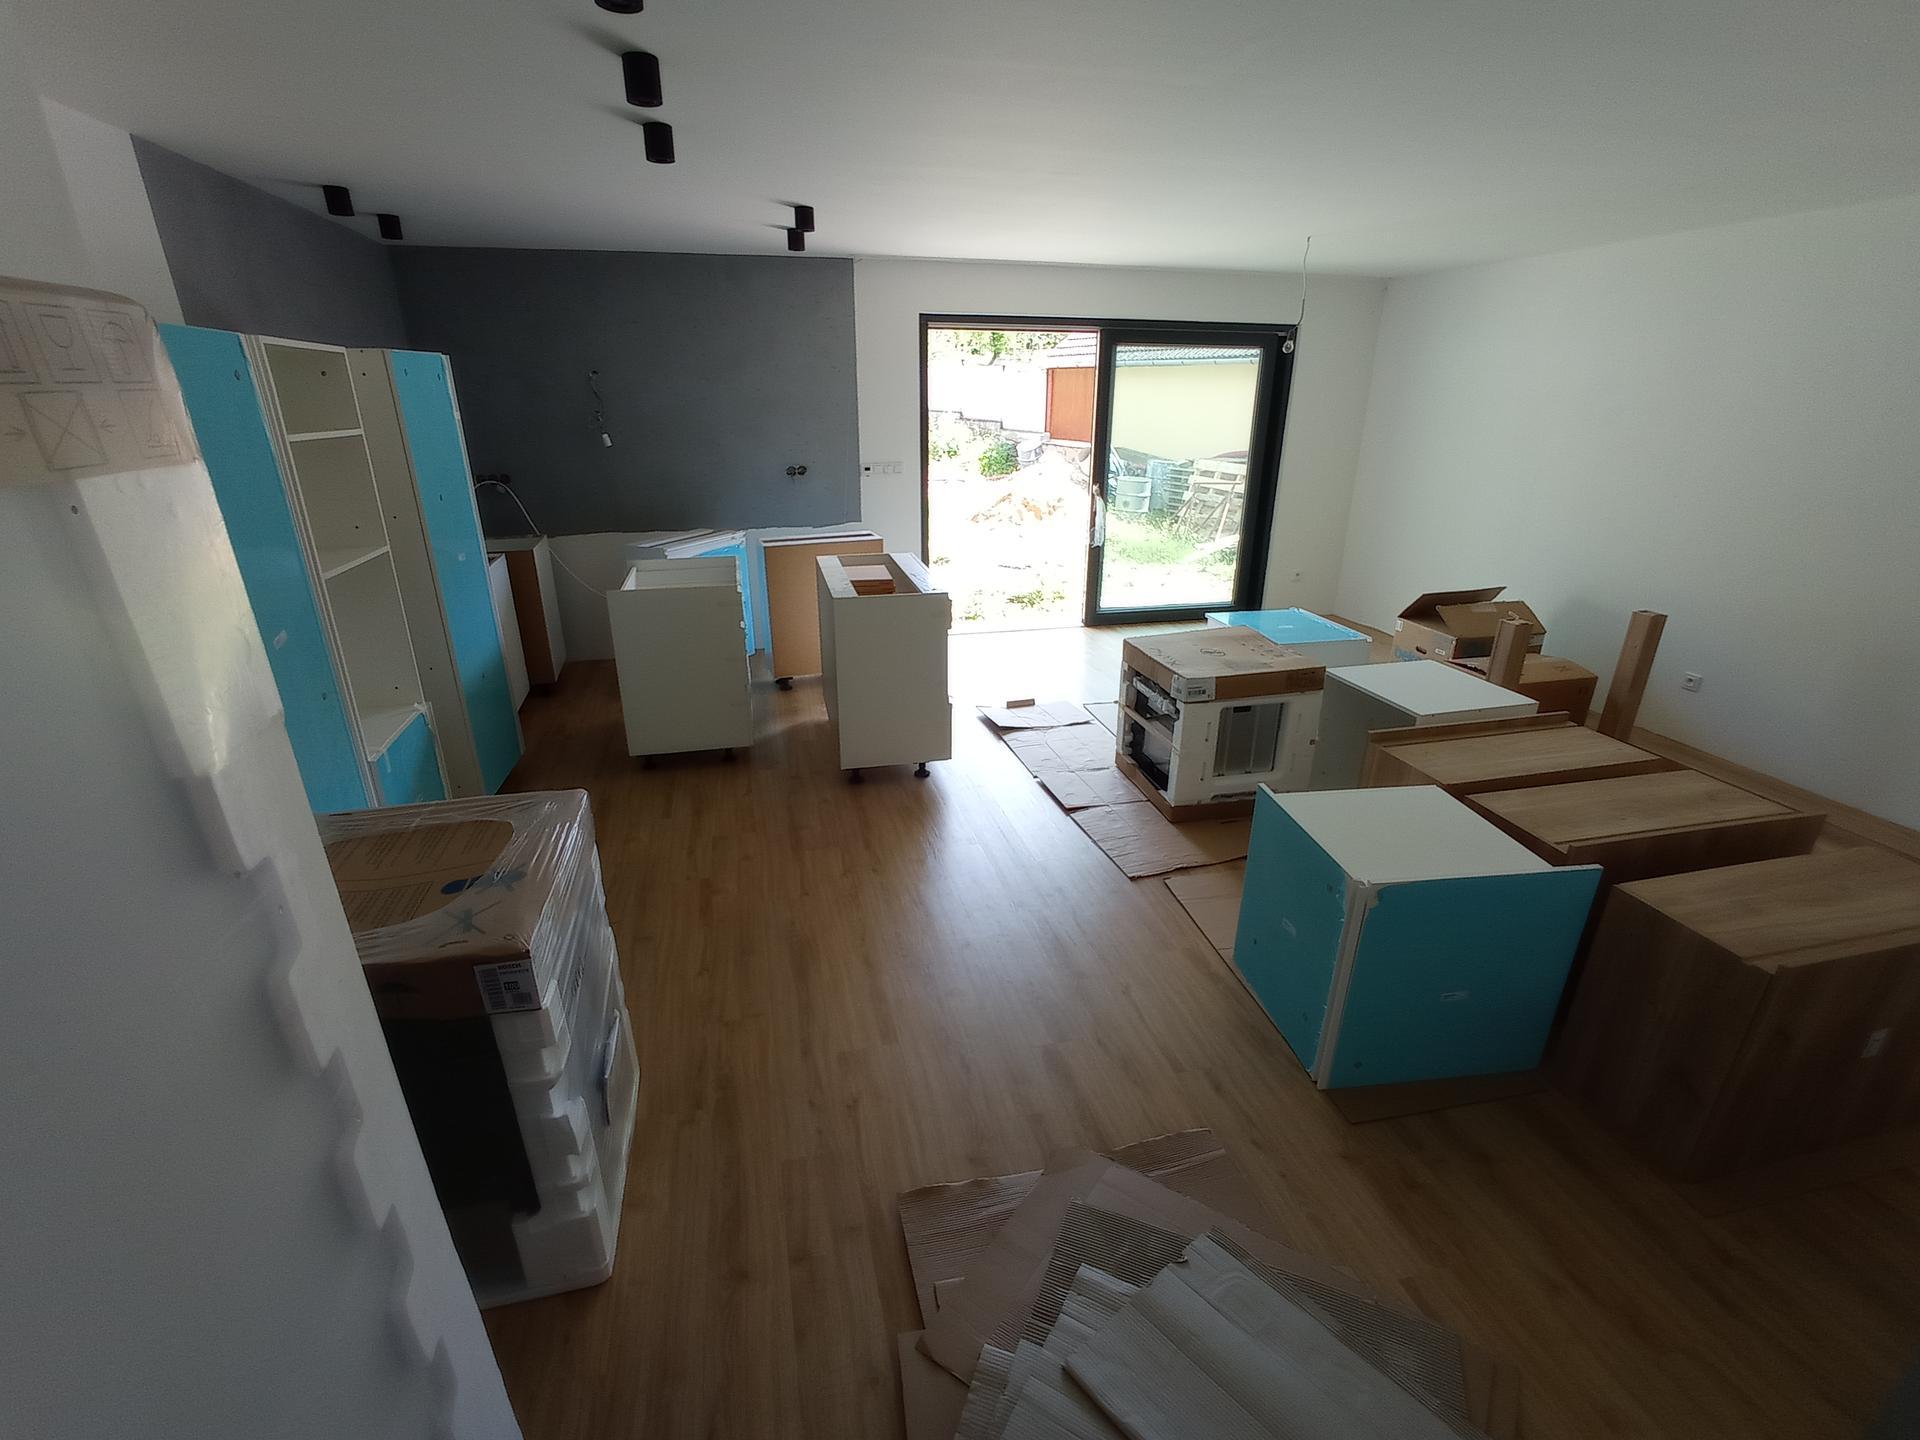 Stavíme domeček - Kuchyně je na místě 😍